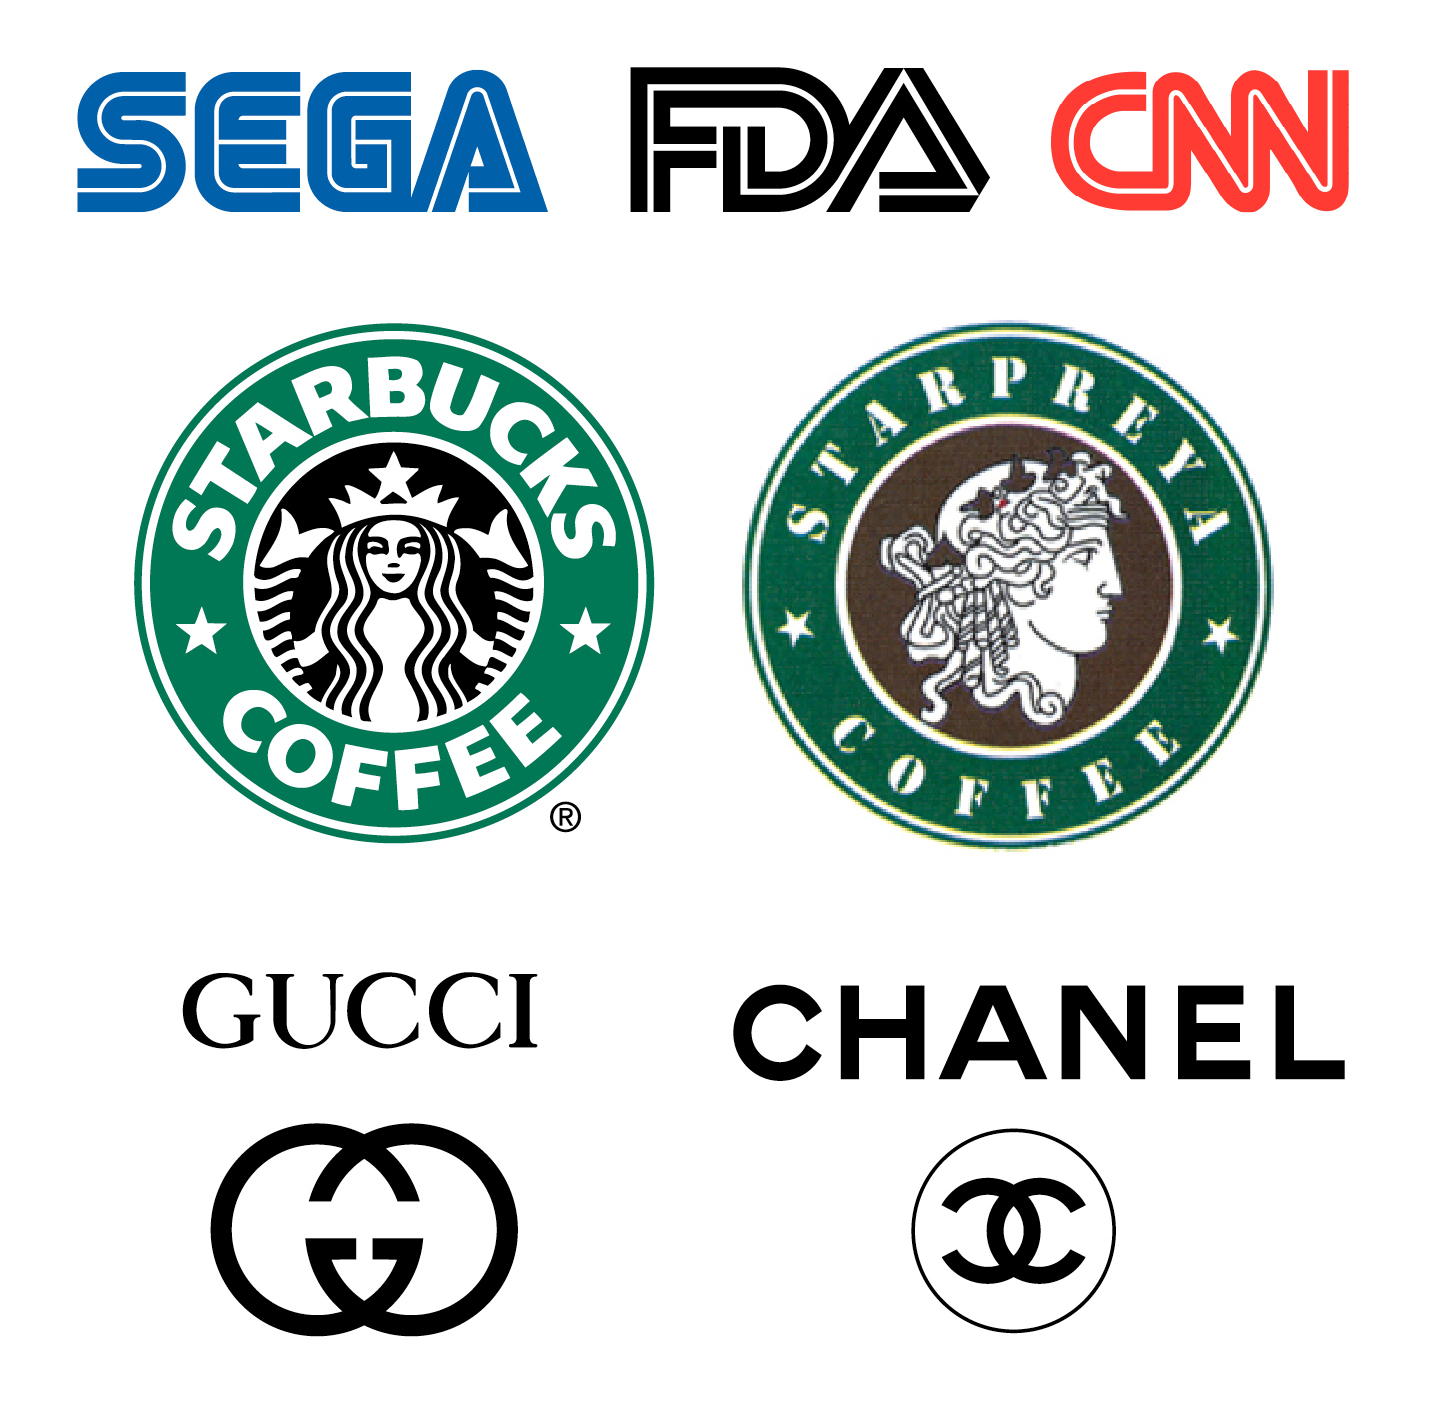 Logo-Similar-Brand-logos